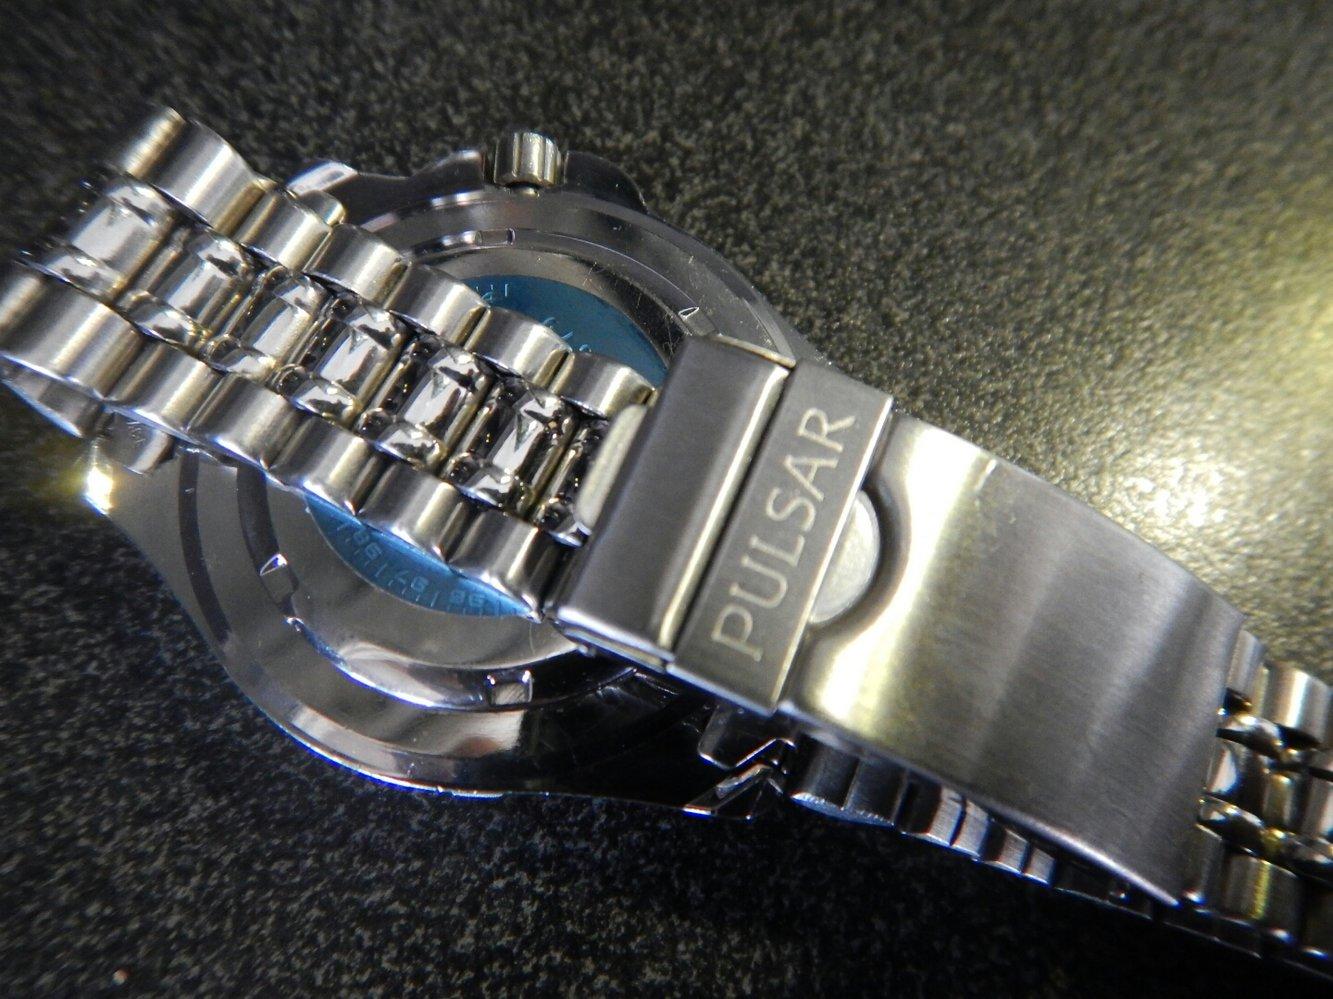 DSCN1255.JPG